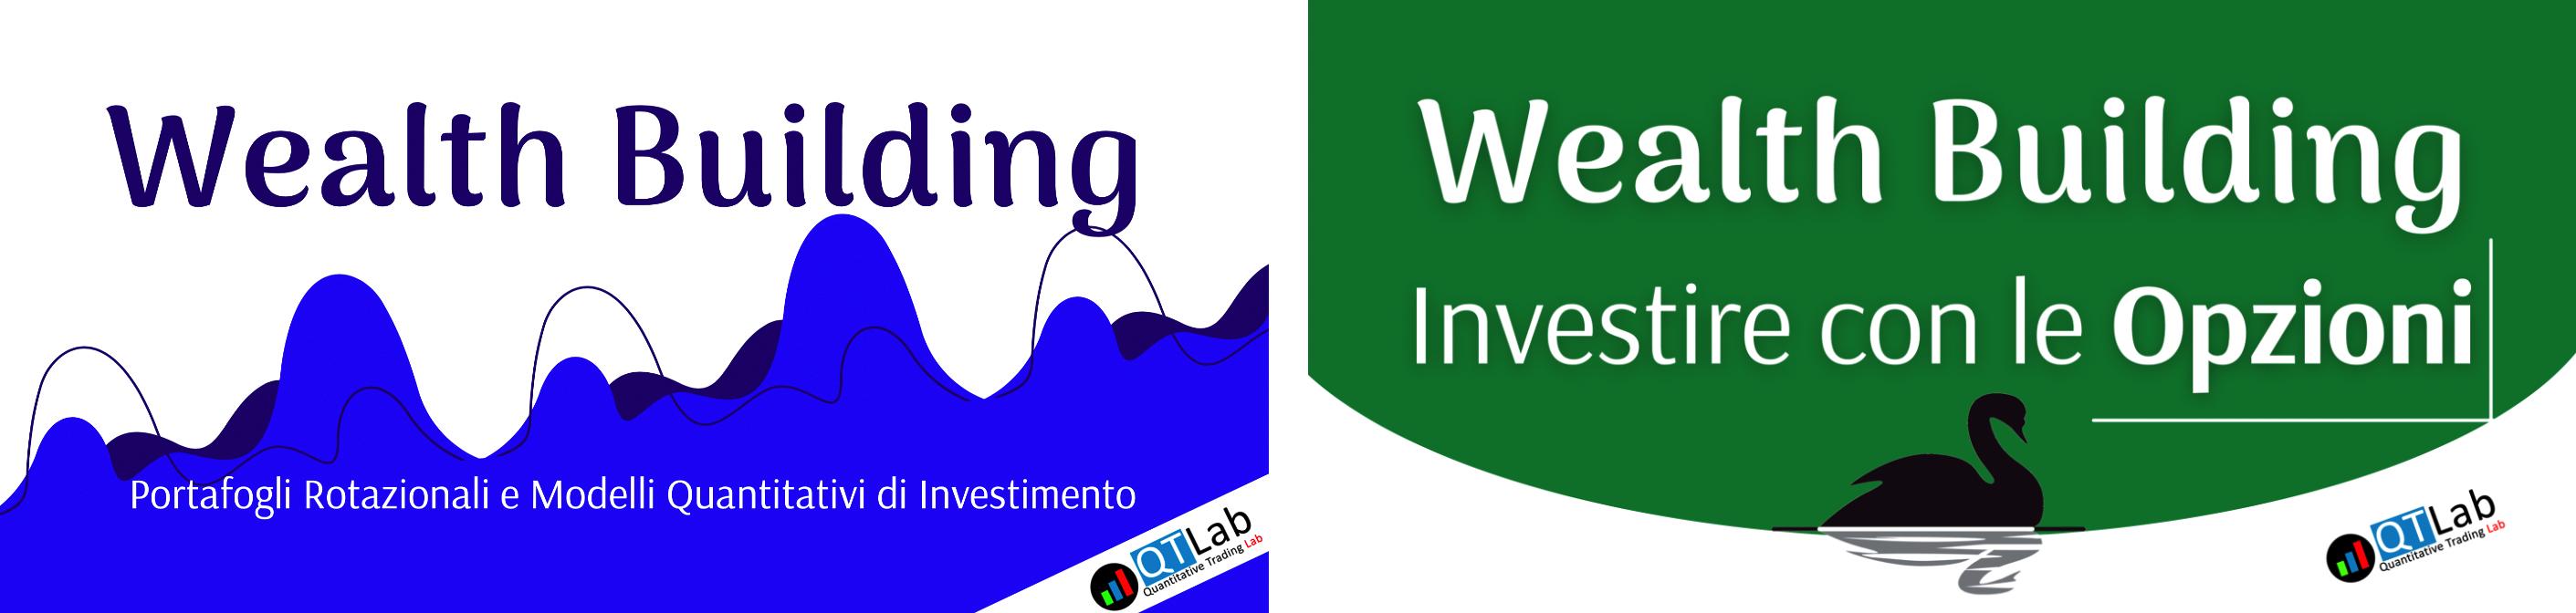 Wealth Building Portafogli Azionari e Opzioni